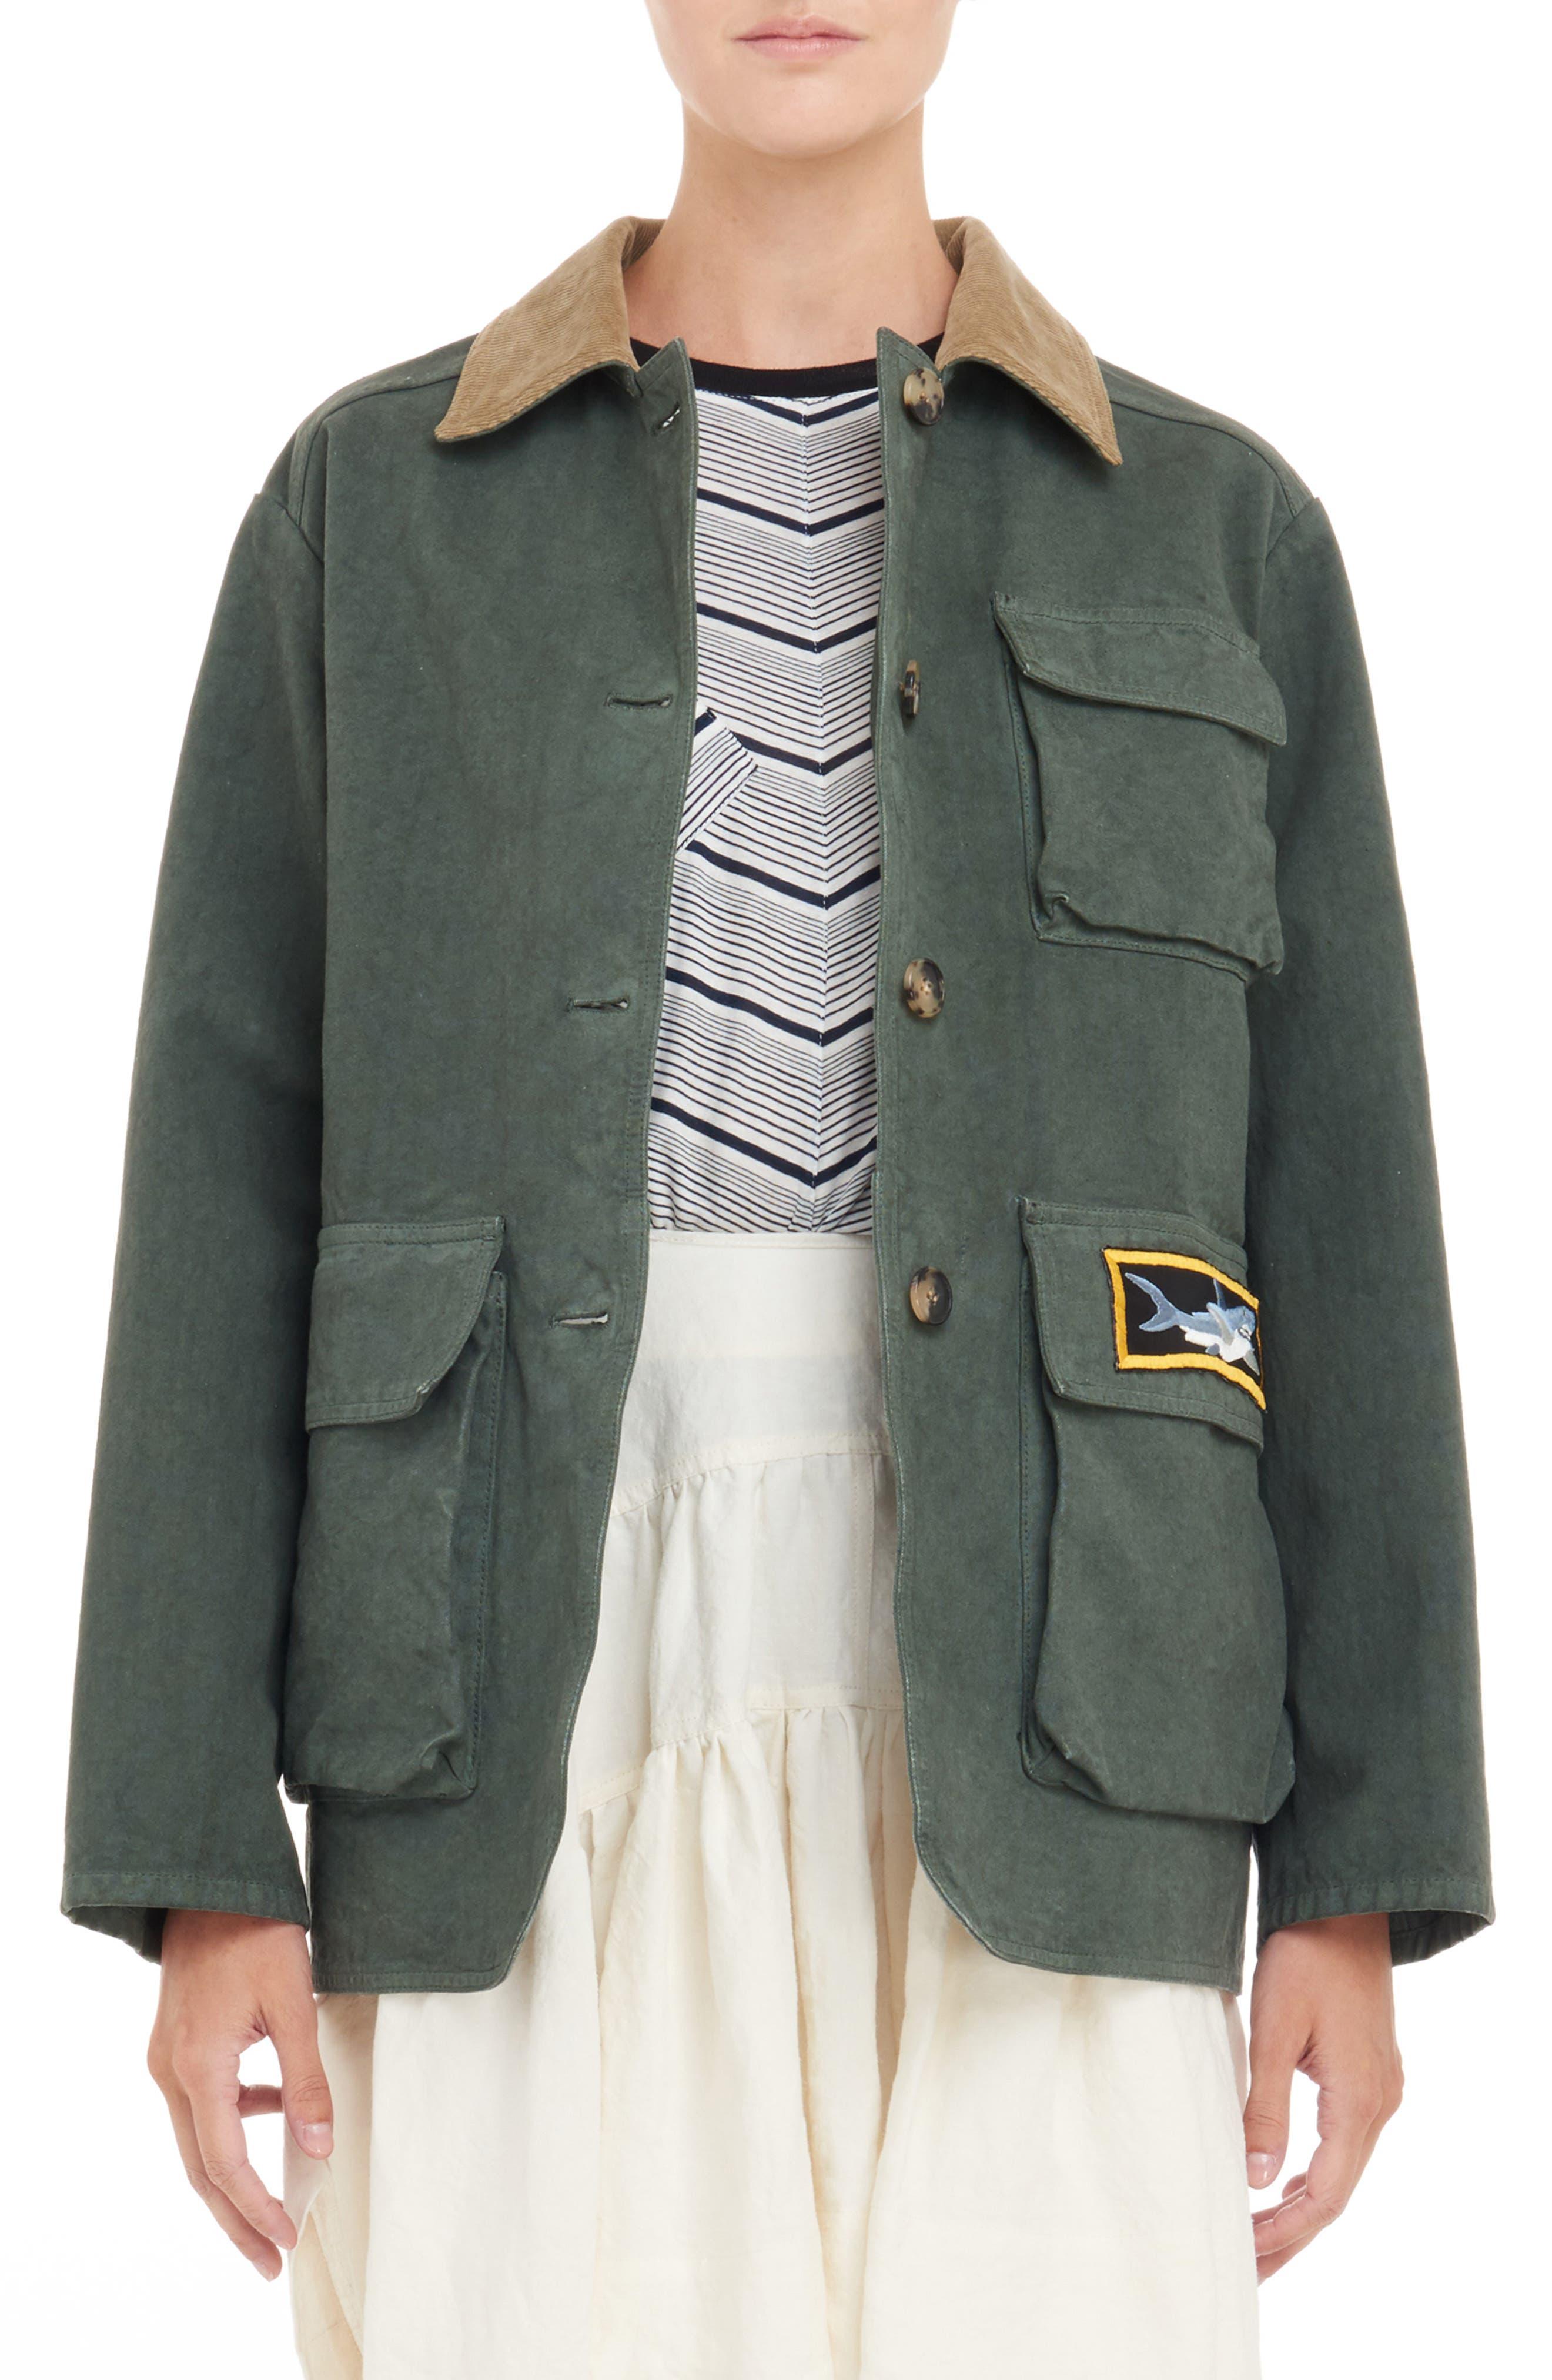 JW ANDERSON J.W.ANDERSON Canvas Jacket, Main, color, 300